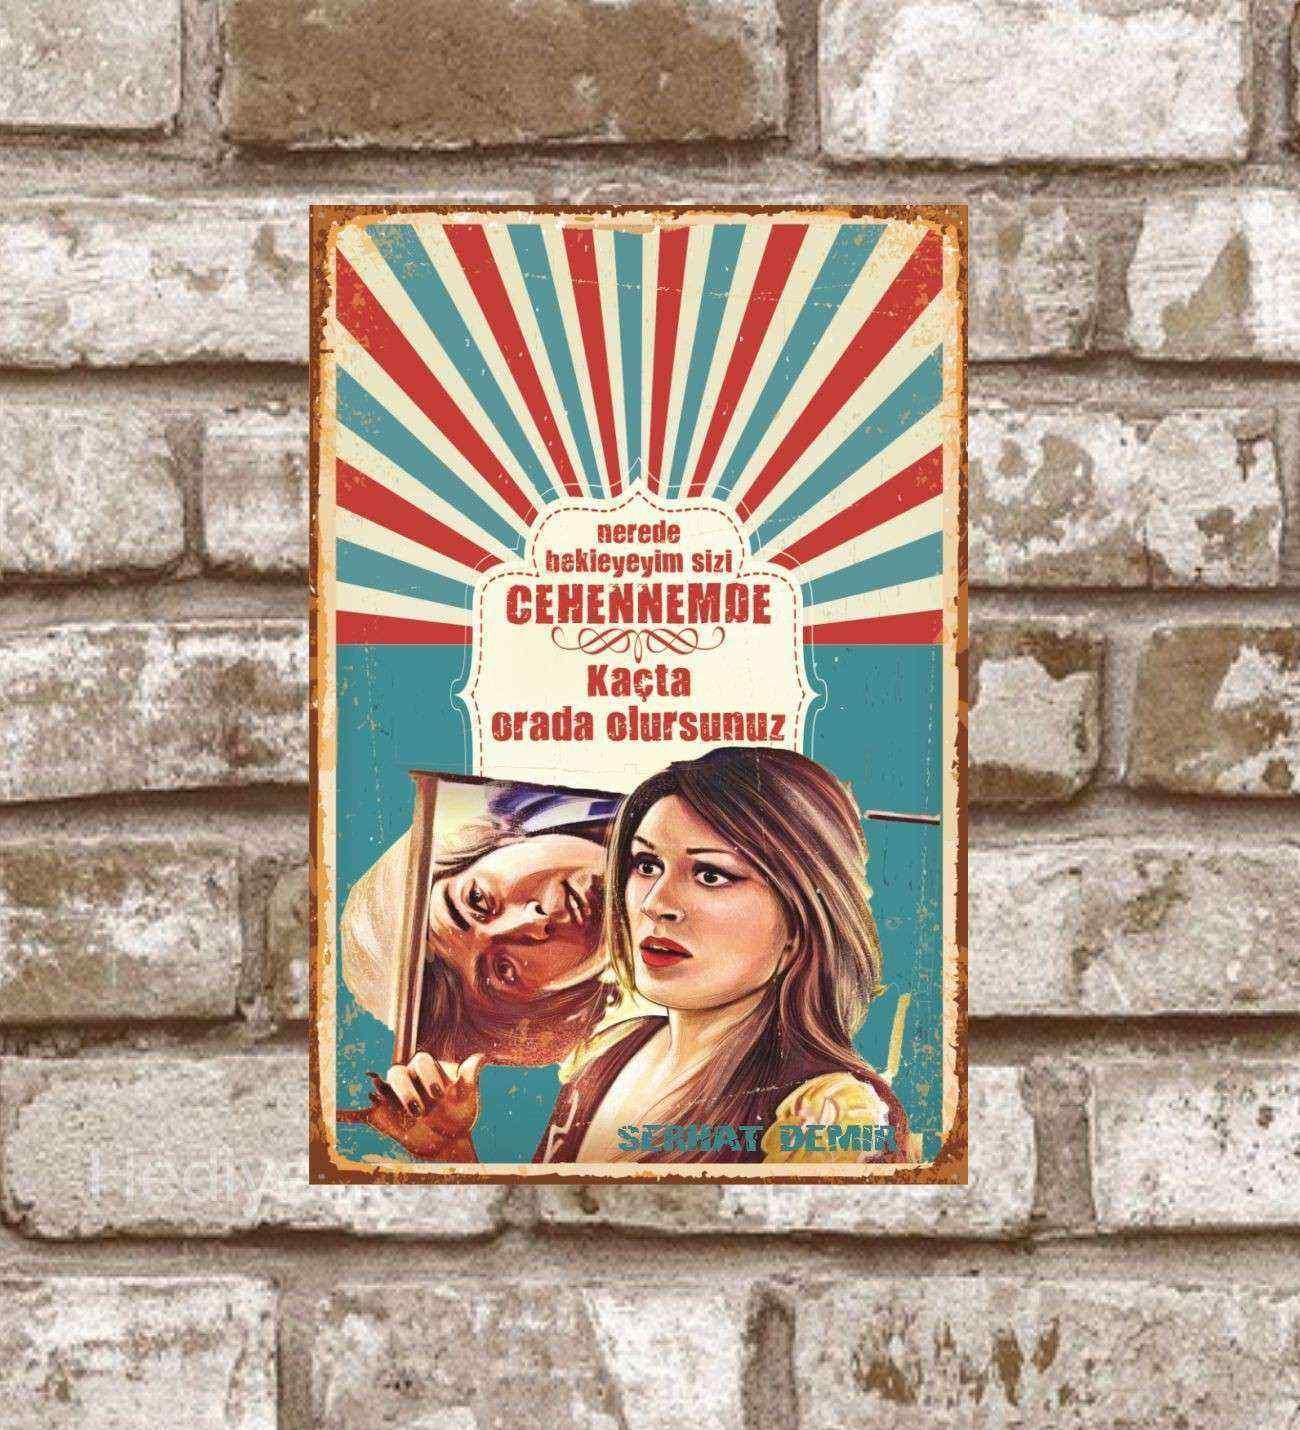 Kişiye Özel Metal Nerede Bekleyeyim Sizi Retro Poster (29x19)